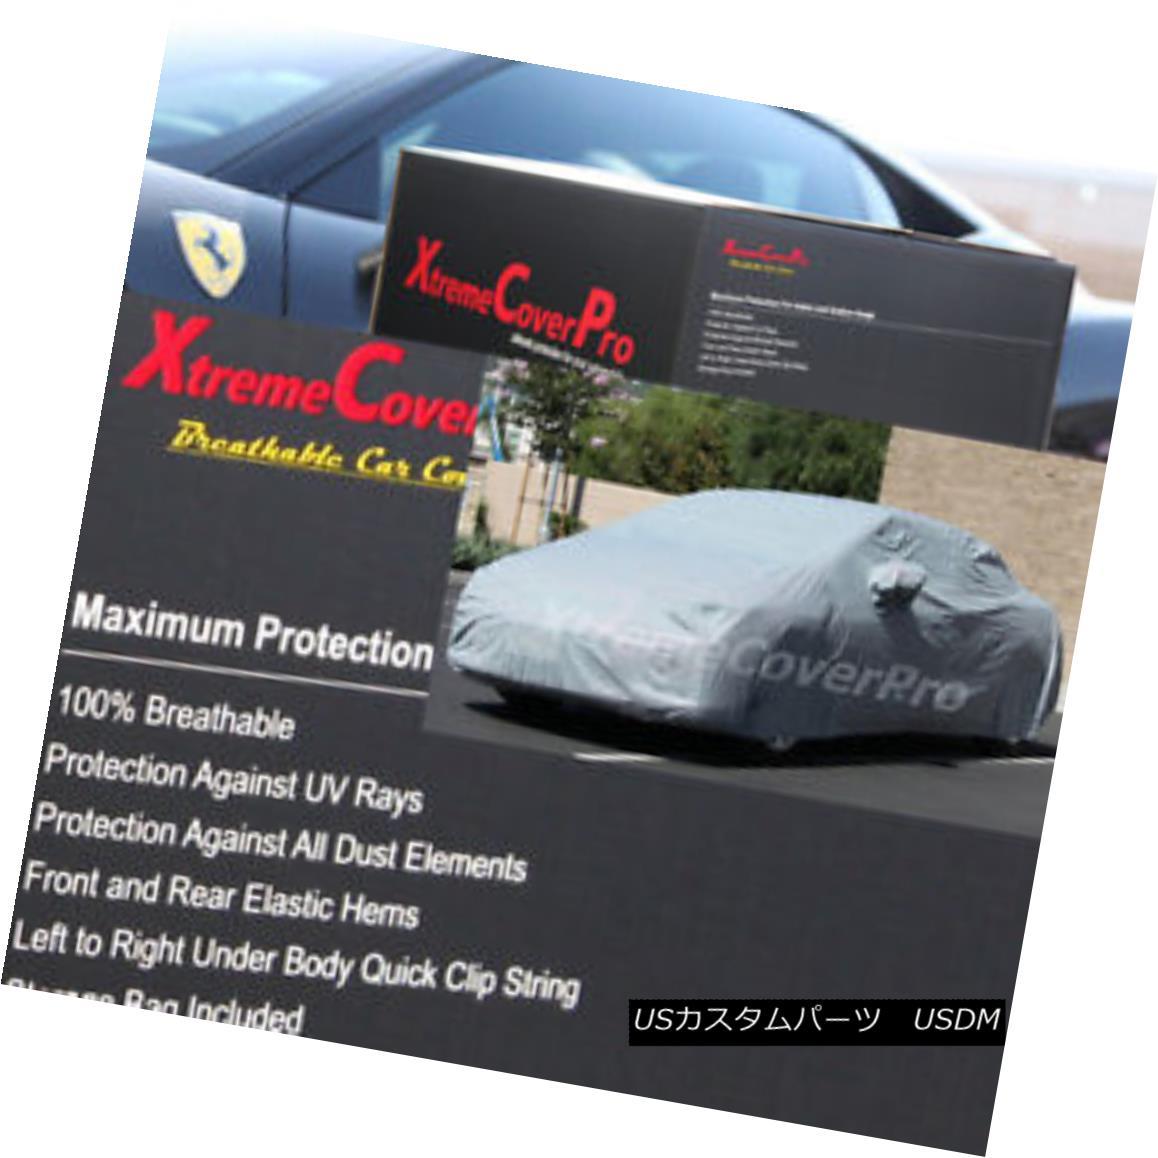 カーカバー 2001 2002 Mercedes SL500 SL600 Breathable Car Cover w/MirrorPocket 2001年2002年メルセデスSL500 SL600通気性車カバー付きMirrorPocket